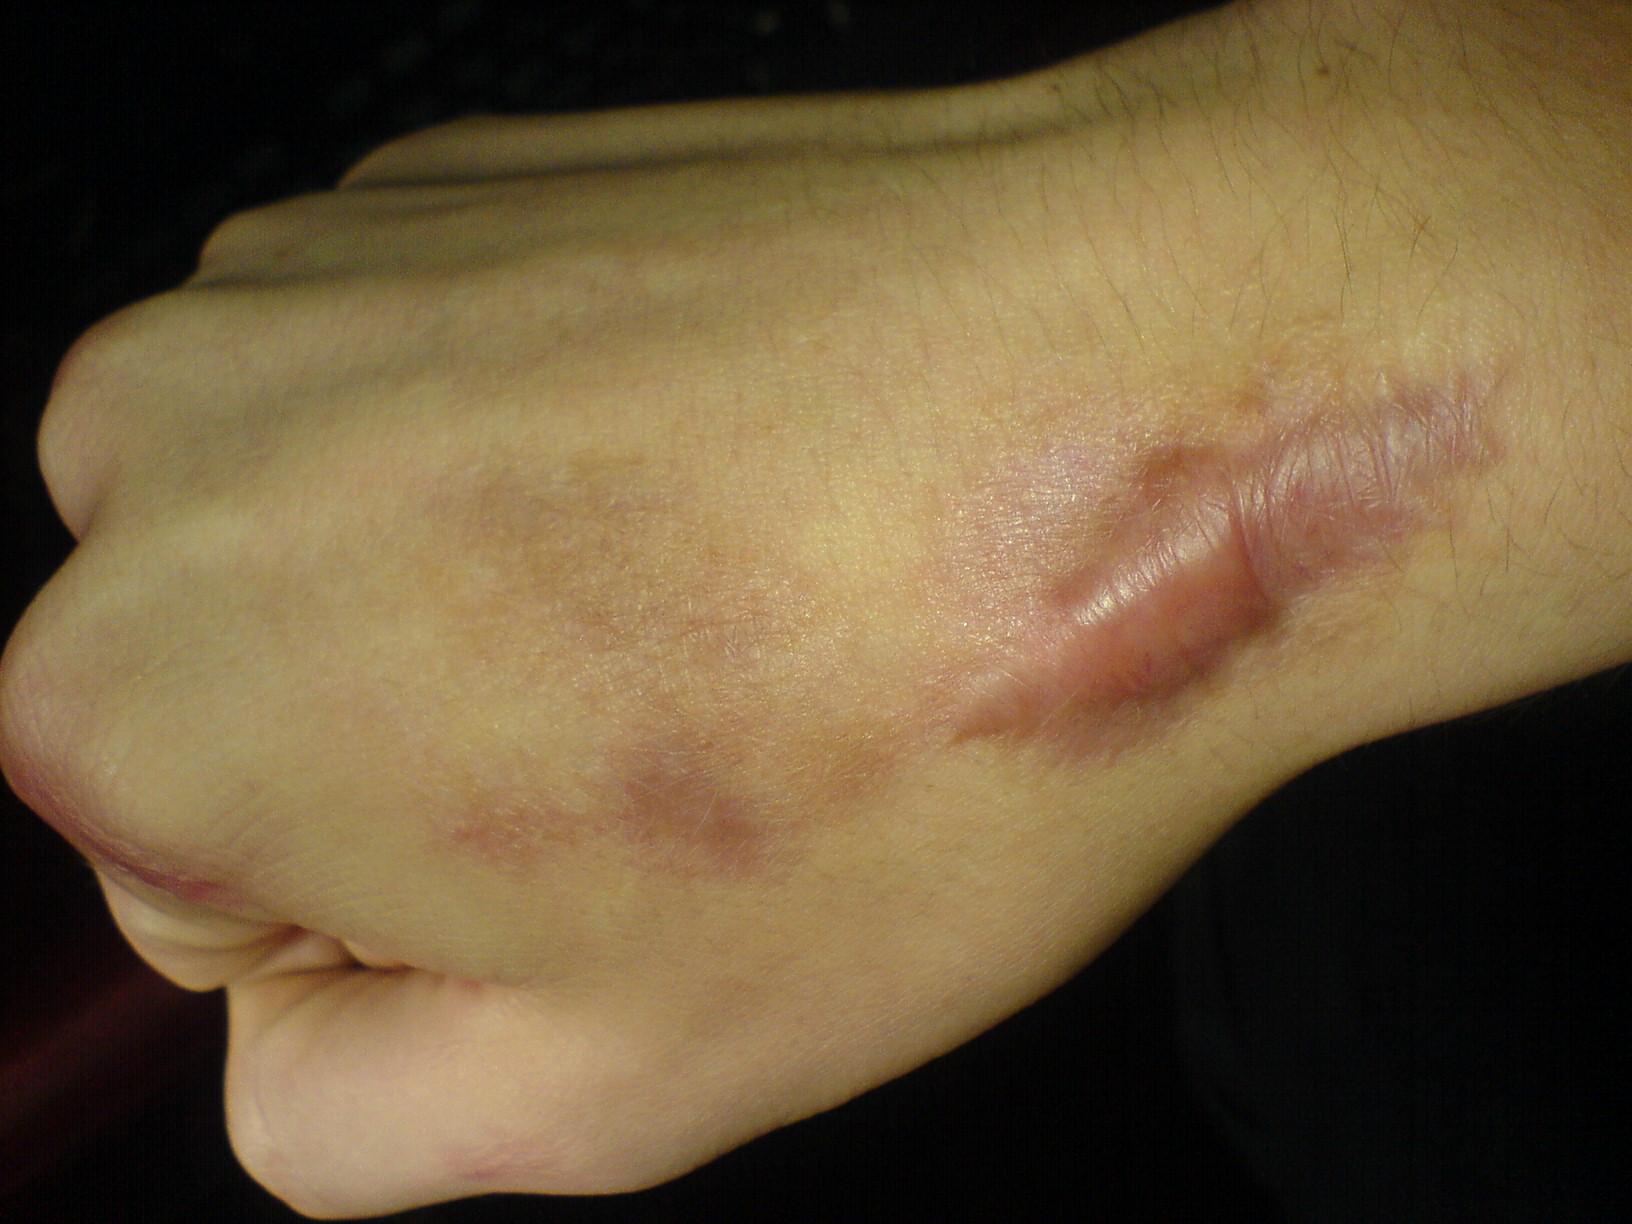 phan biet cac loai seo loi va giai phap dieu tri 2 Phân biệt các loại sẹo lồi và cách điều trị